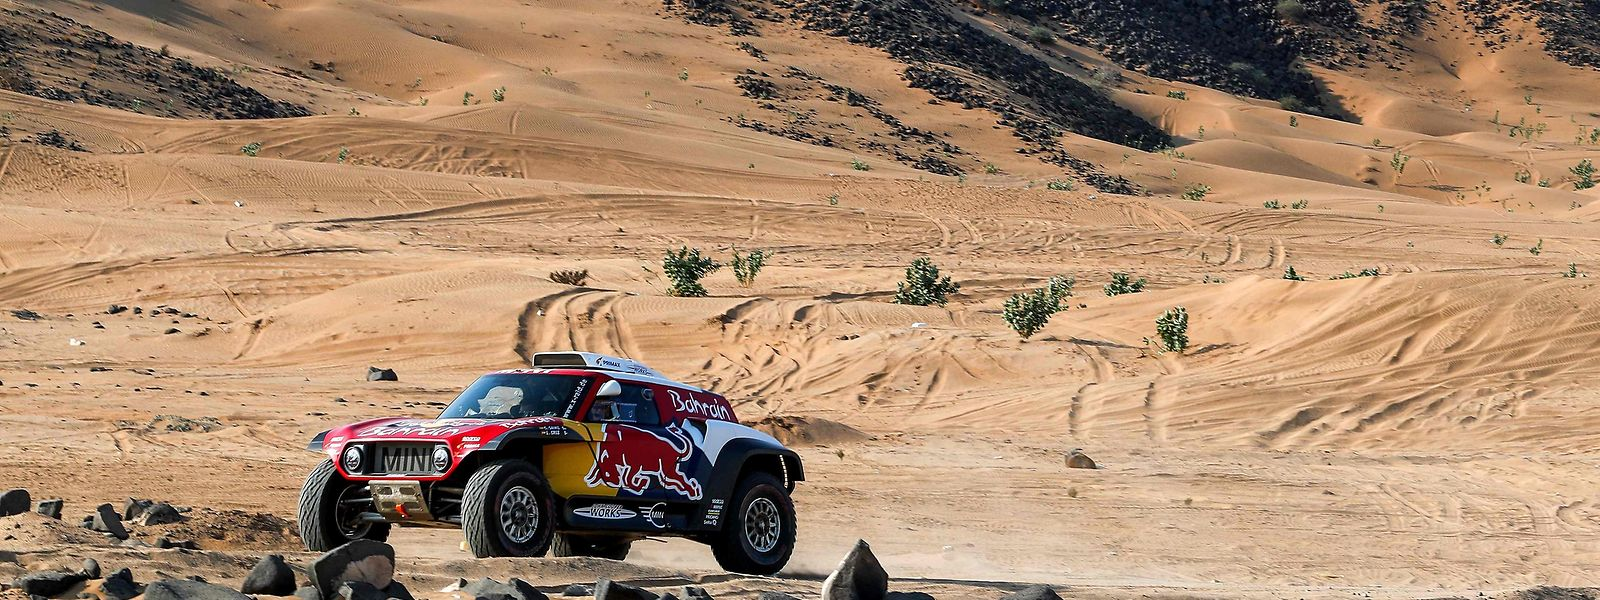 La Mini de l'Espagnol Carlos Sainz dans le sable du désert arabe